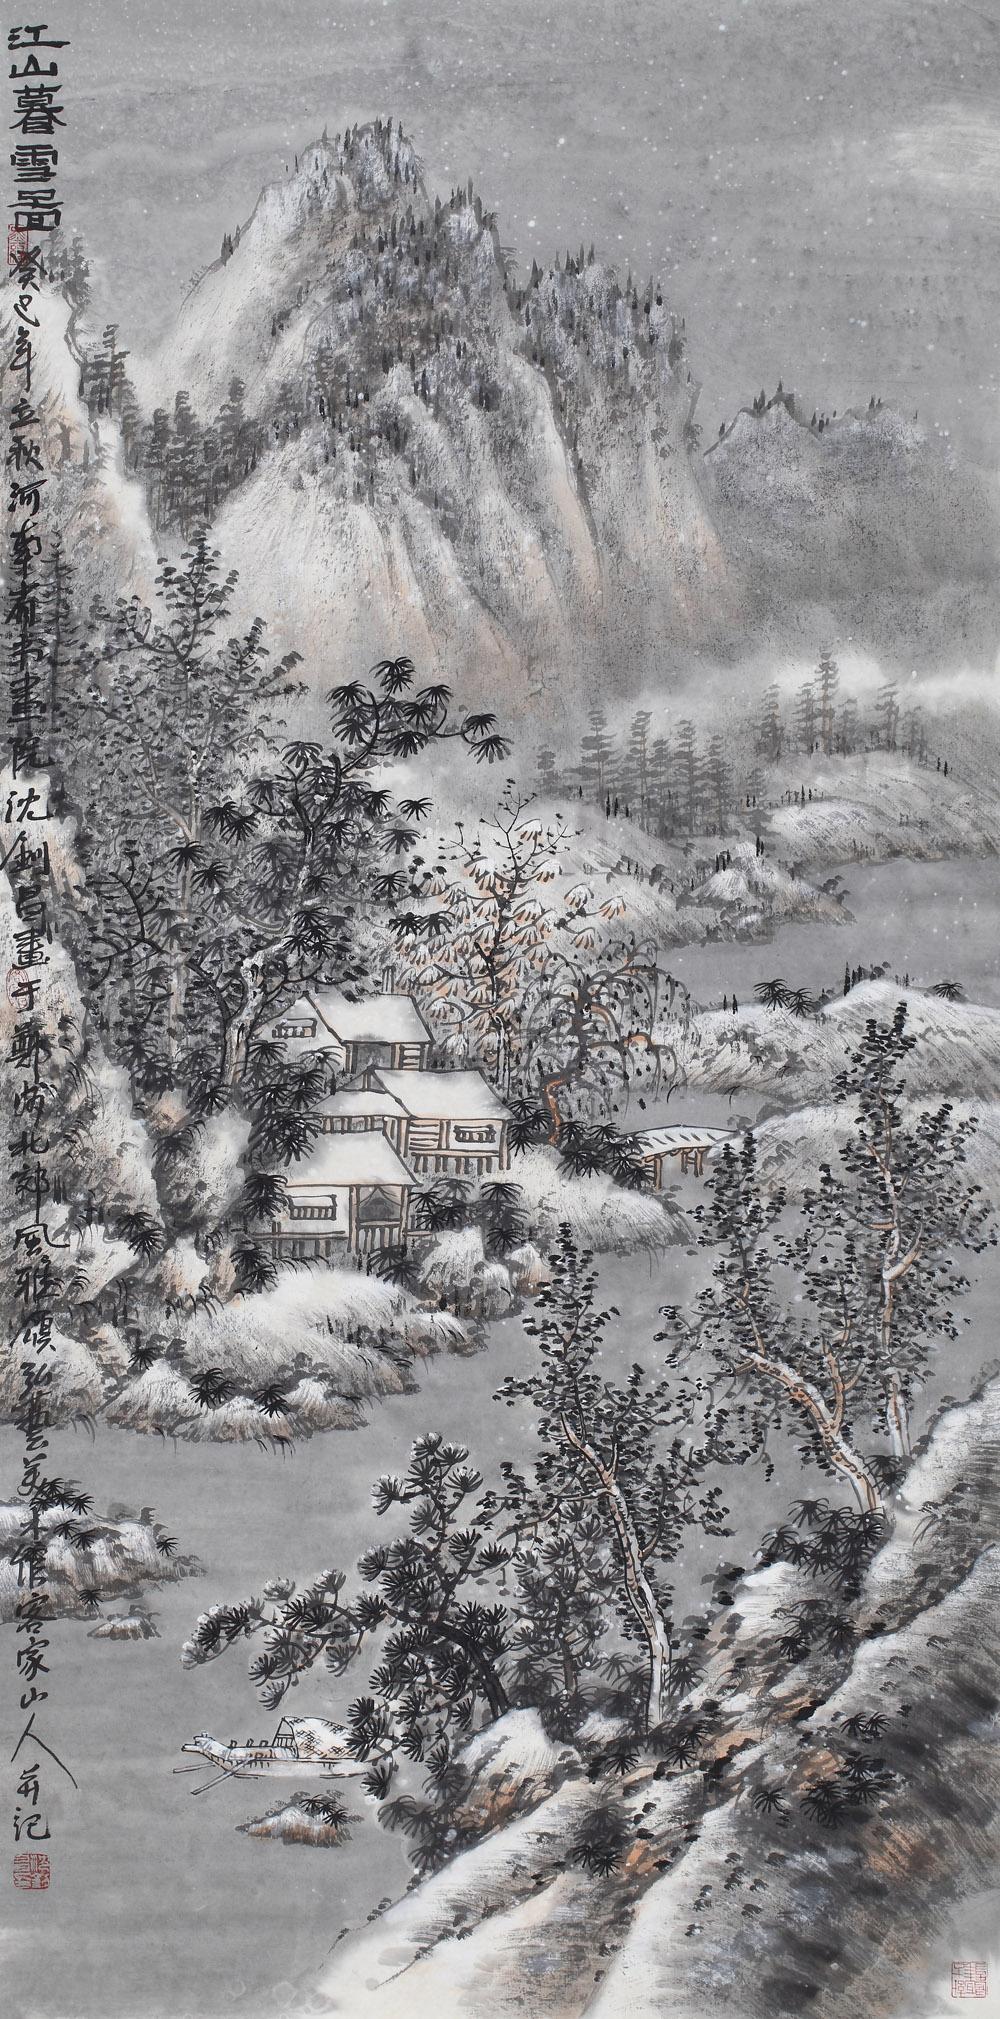 《江山暮雪图》